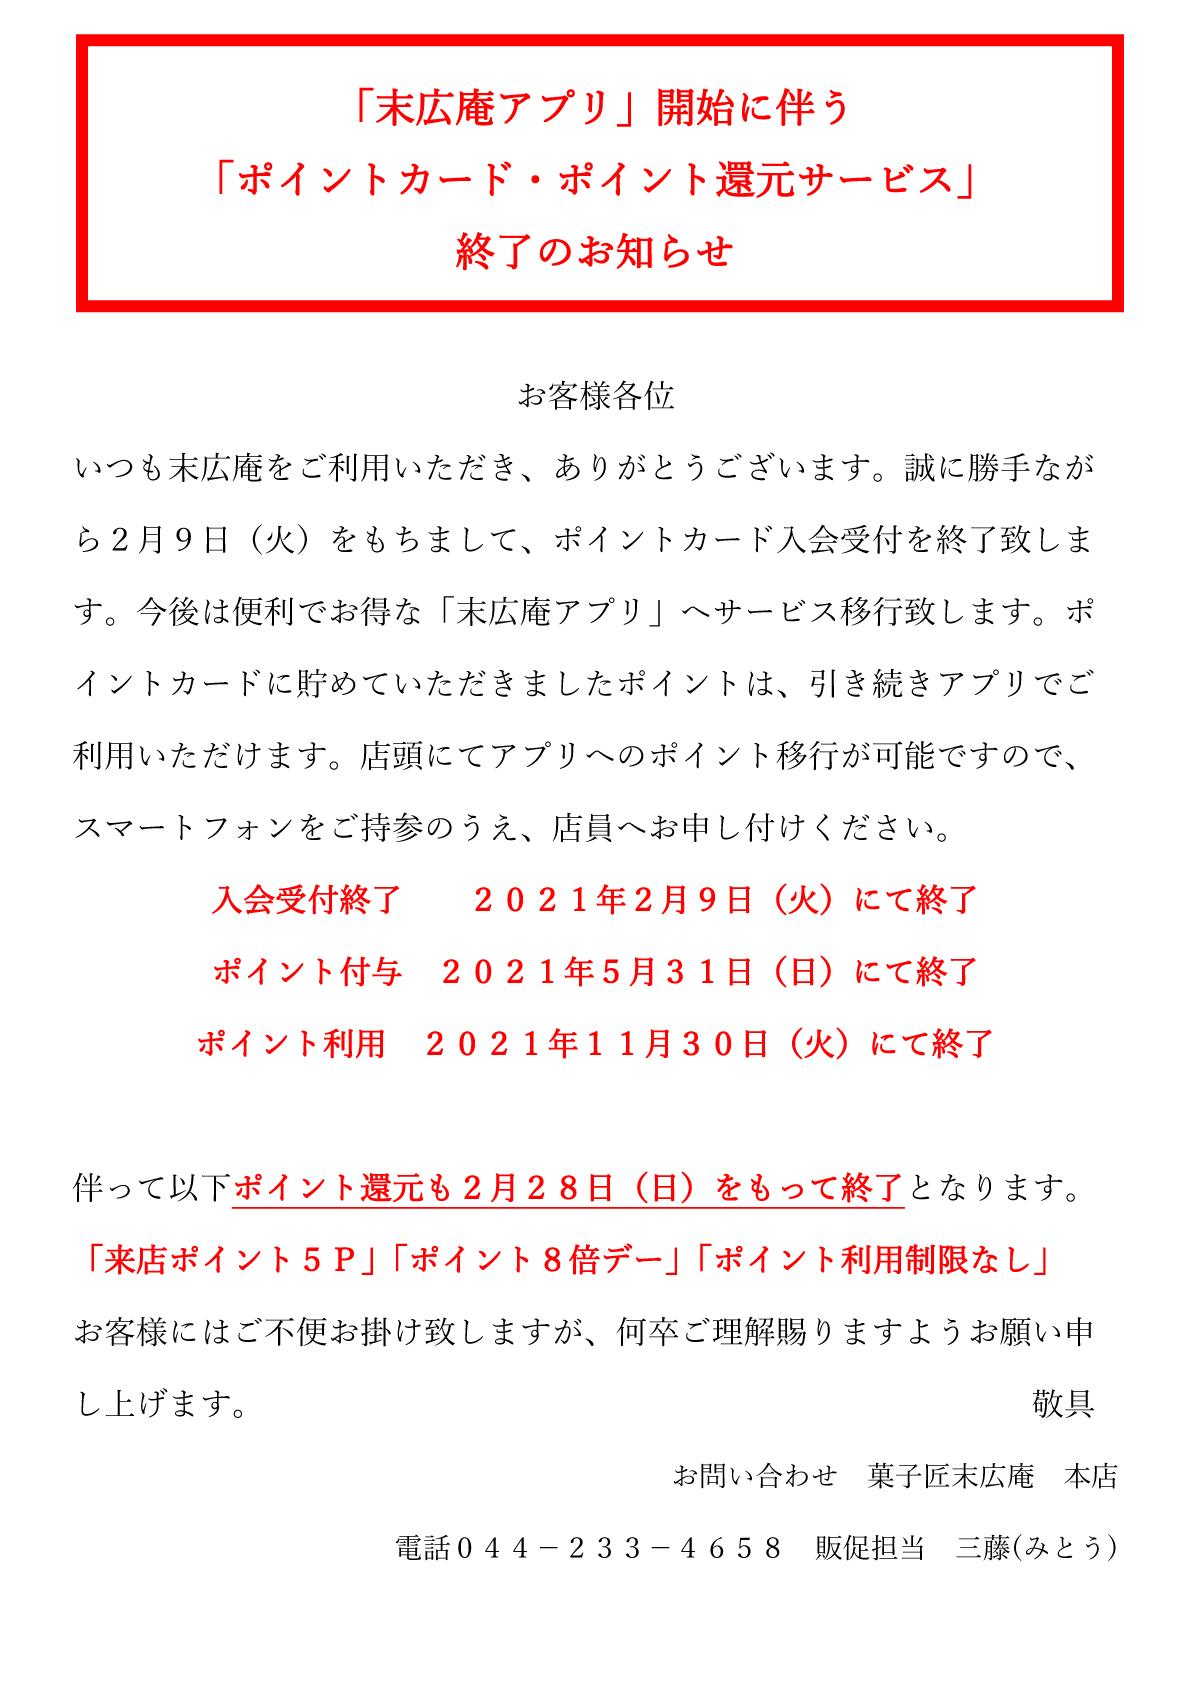 末広庵アプリサービス利用開始!